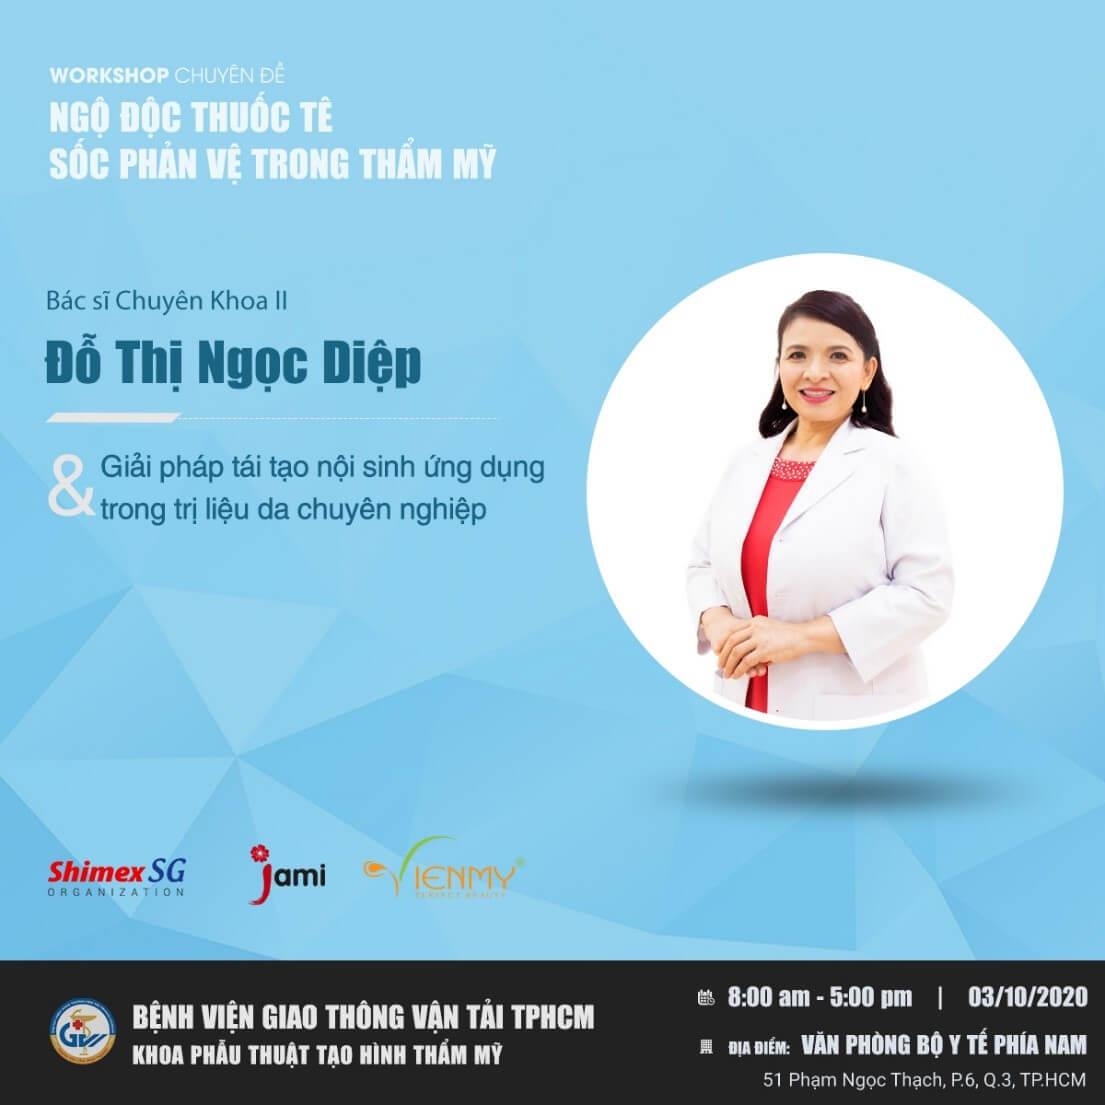 Bác sĩ chuyên khoa Nguyễn Thị Ngọc Diệp